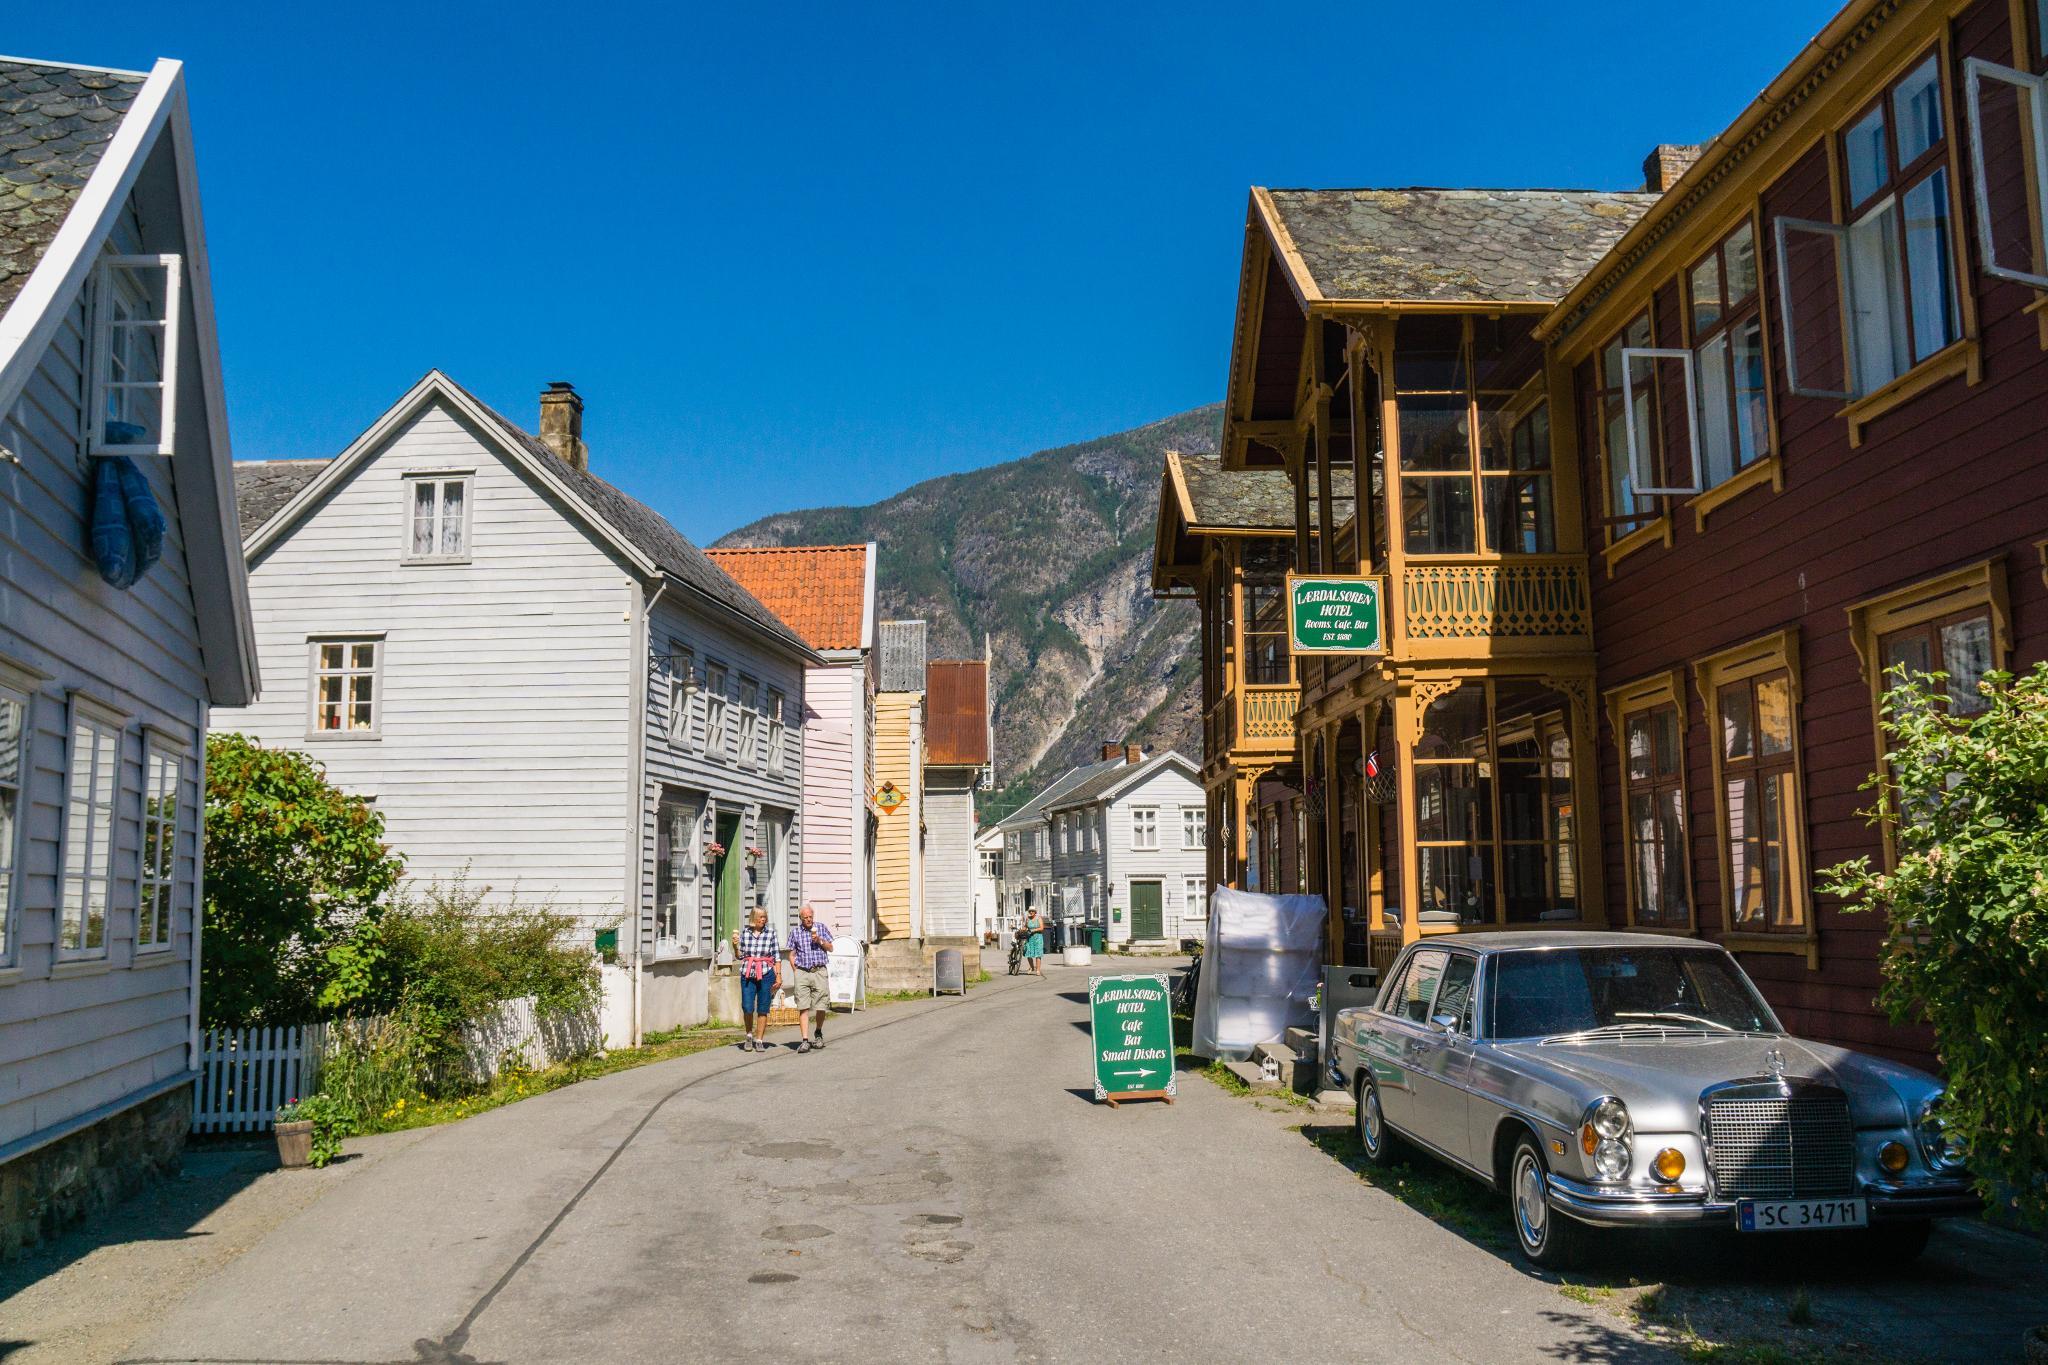 【北歐景點】Lærdalsøyri 松恩峽灣萊達爾小鎮的仲夏風景